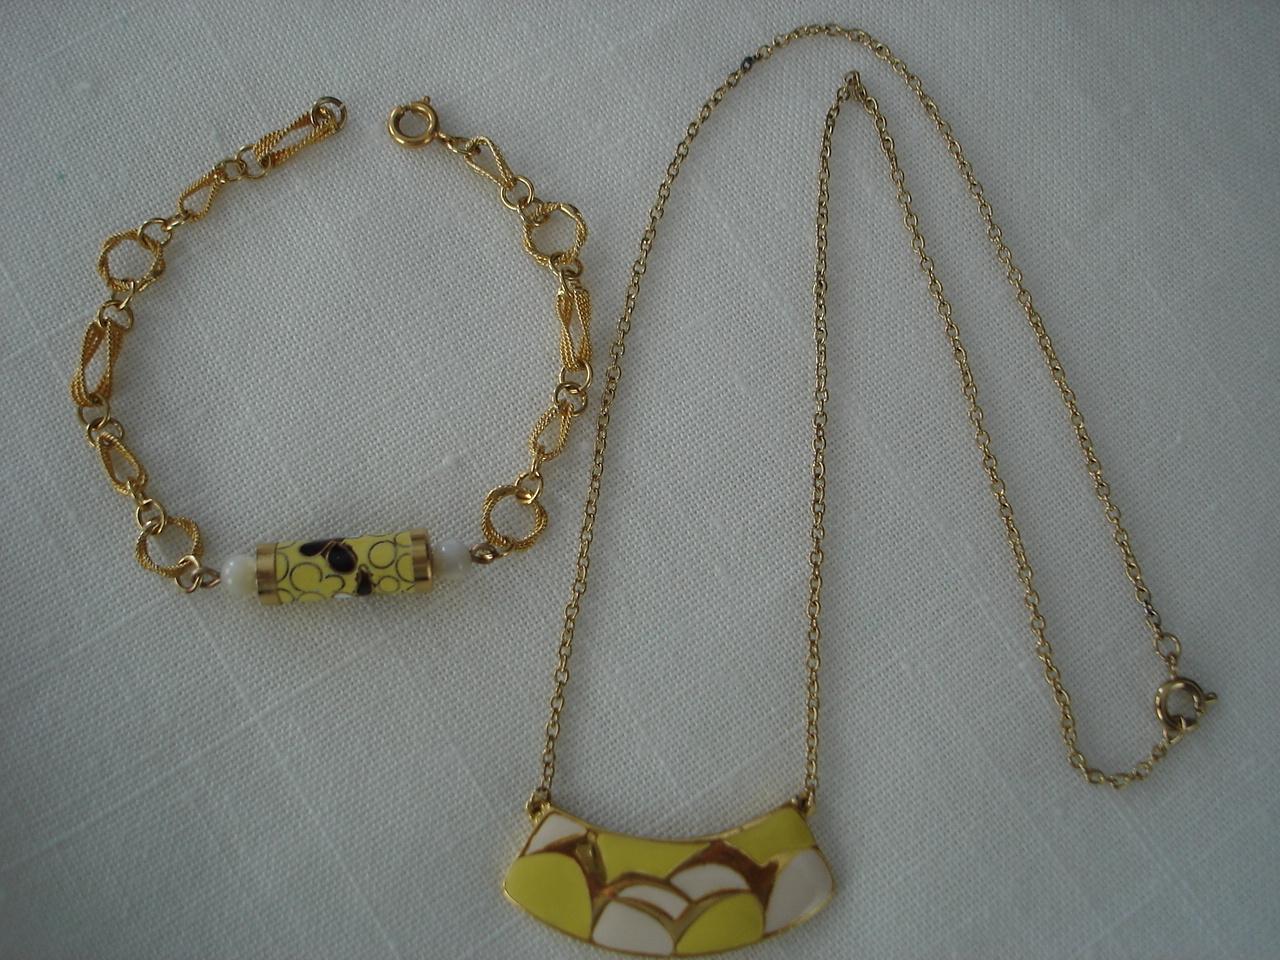 2 Vintage Thailand Cloisonne Enamel Pendant Necklace Bracele